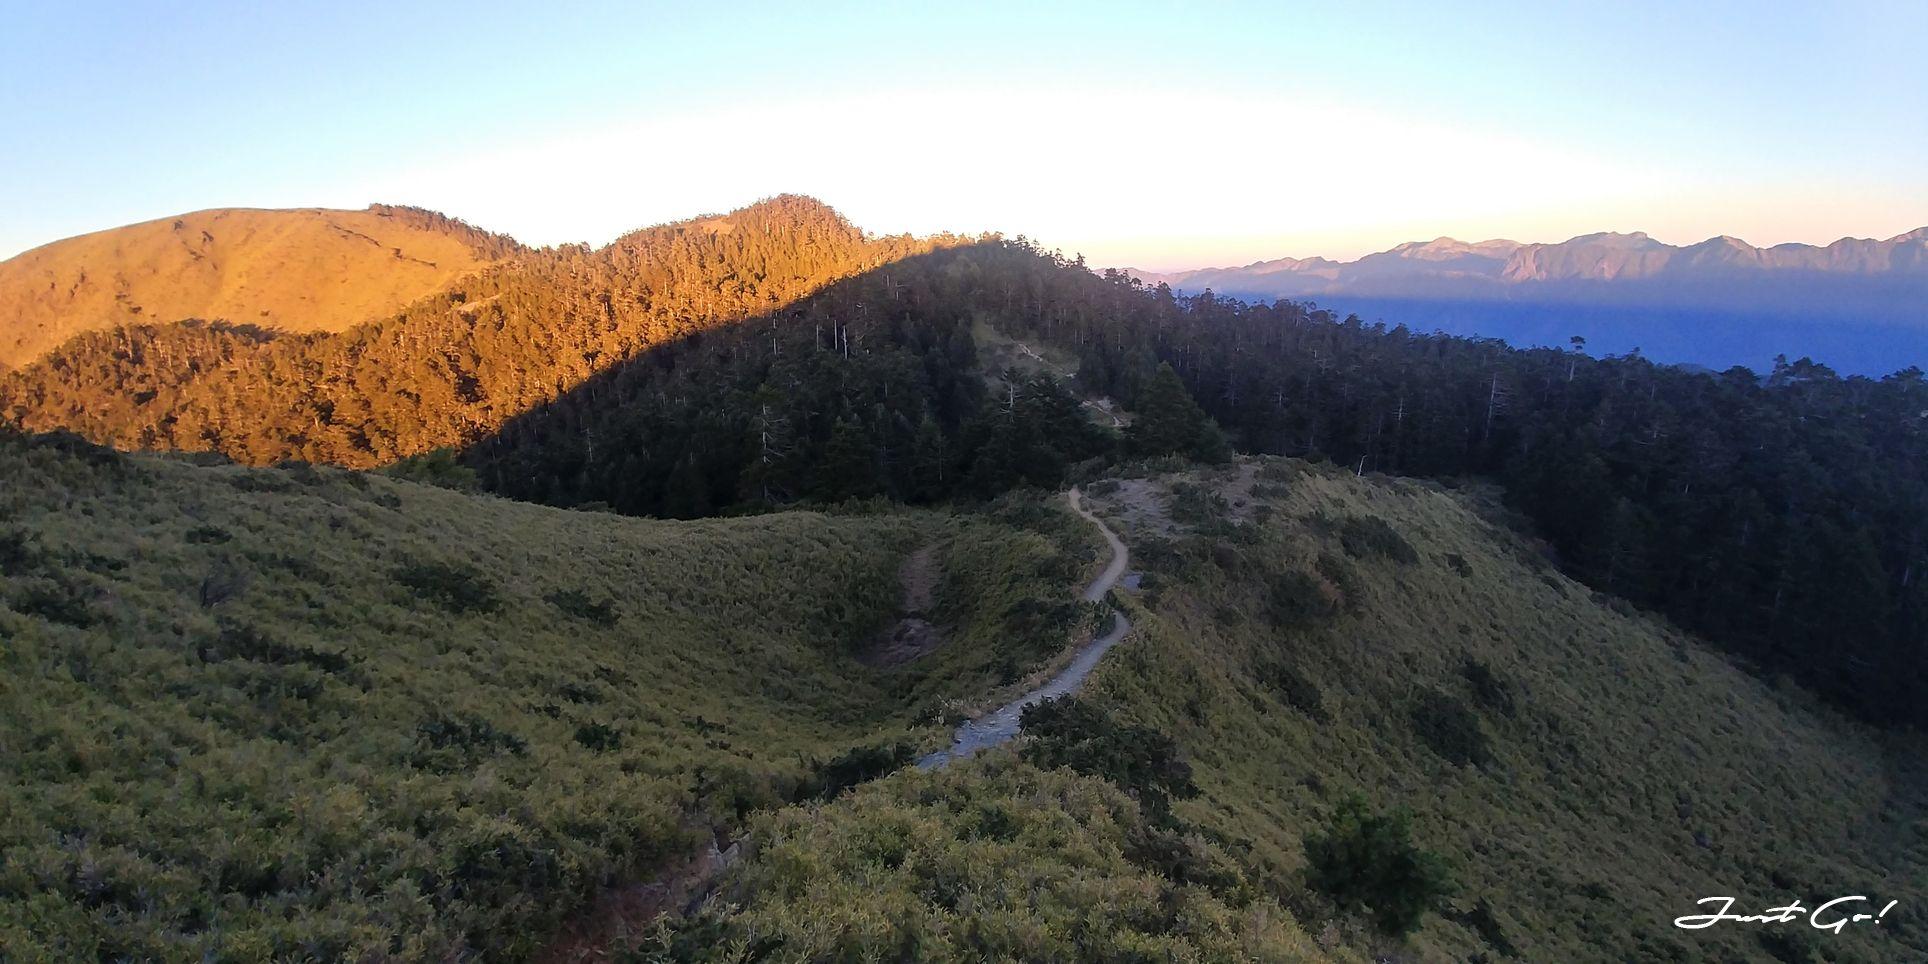 一日百岳·9小時單攻合歡西峰北峰-地圖gpx、行程規劃、申請、登山口6